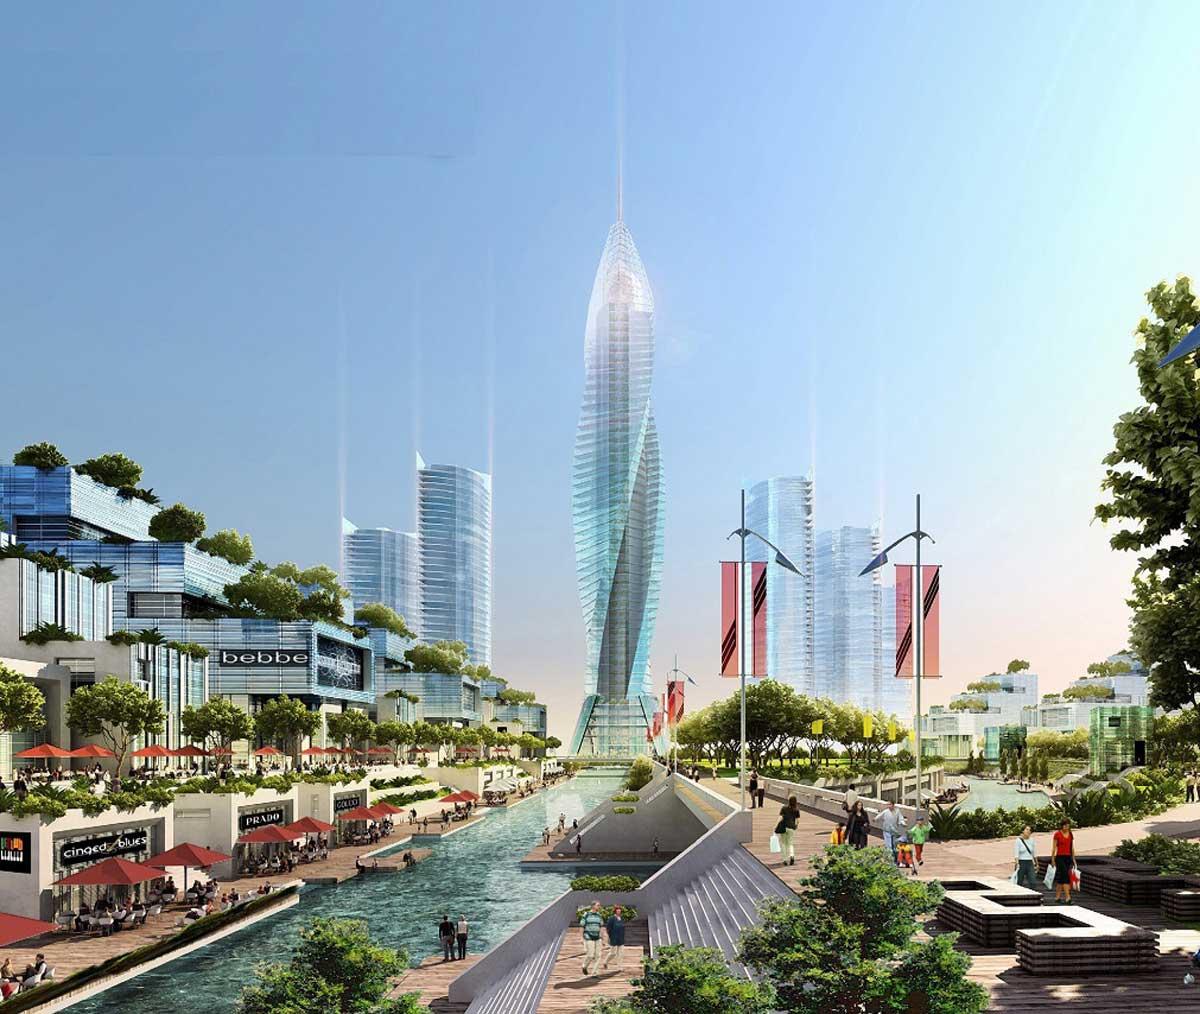 Tiện ích tòa tháp trung tâm KĐT với thiết kế độc đáo chinh phục mọi ánh nhìn người xem